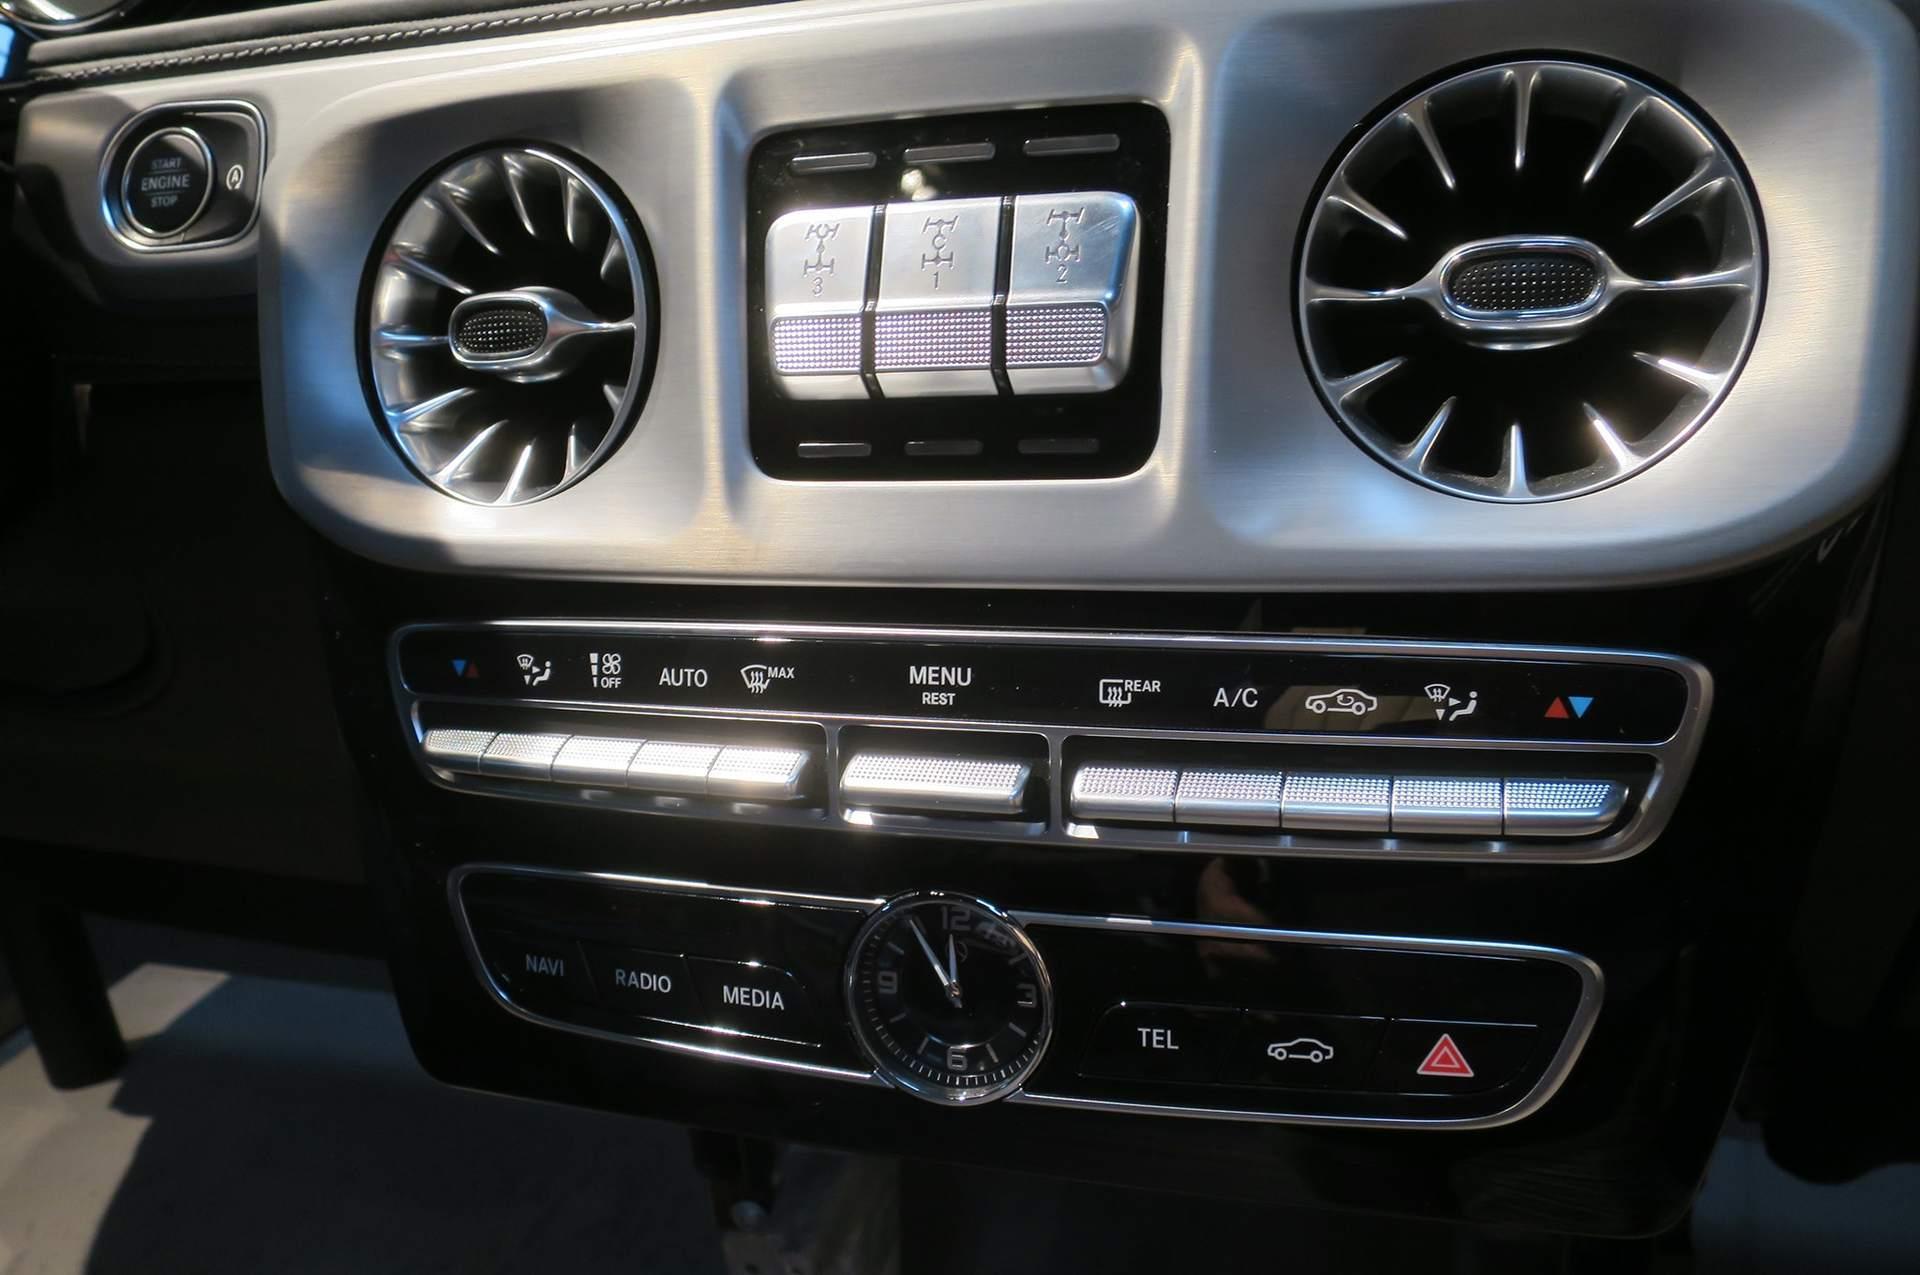 而LX570的内饰同样得到了全新的设计,引导雷克萨斯家族式风格,整体设计上以突出豪华感为主,中控台中央横向贯穿的实木饰板显得很有质感。新车的中控台非常宽大,中控台上方的液晶显示屏更是达到了12.3英寸,并集成了Remote Touch车载多媒体系统,该系统的控制按钮和触摸板和按键位于排挡杆右侧。